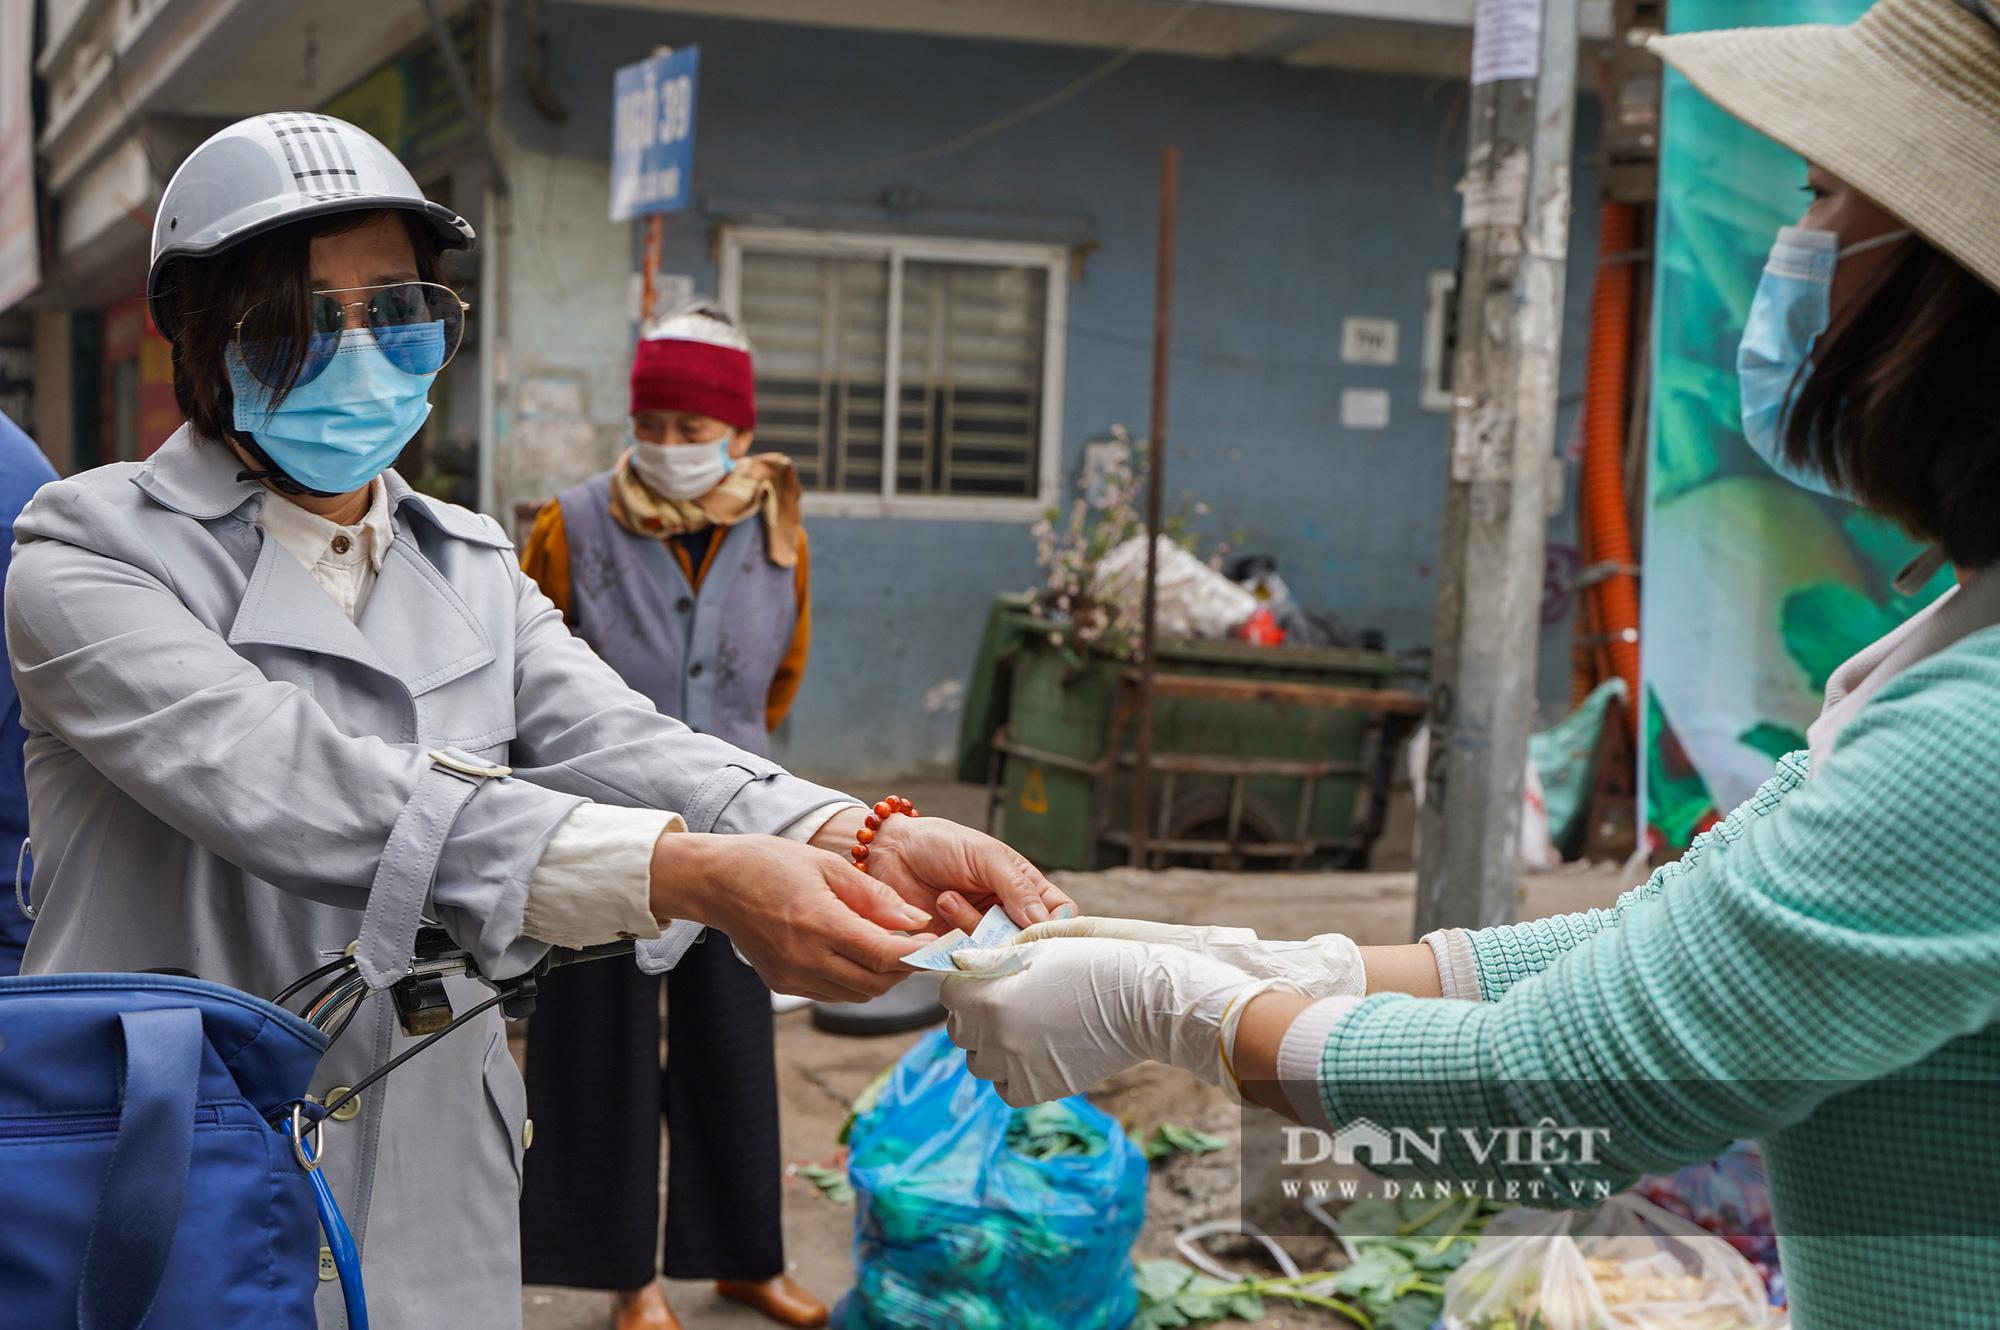 Hơn 4 tấn nông sản ở Mê Linh được giải cứu trong sáng nay - Ảnh 9.